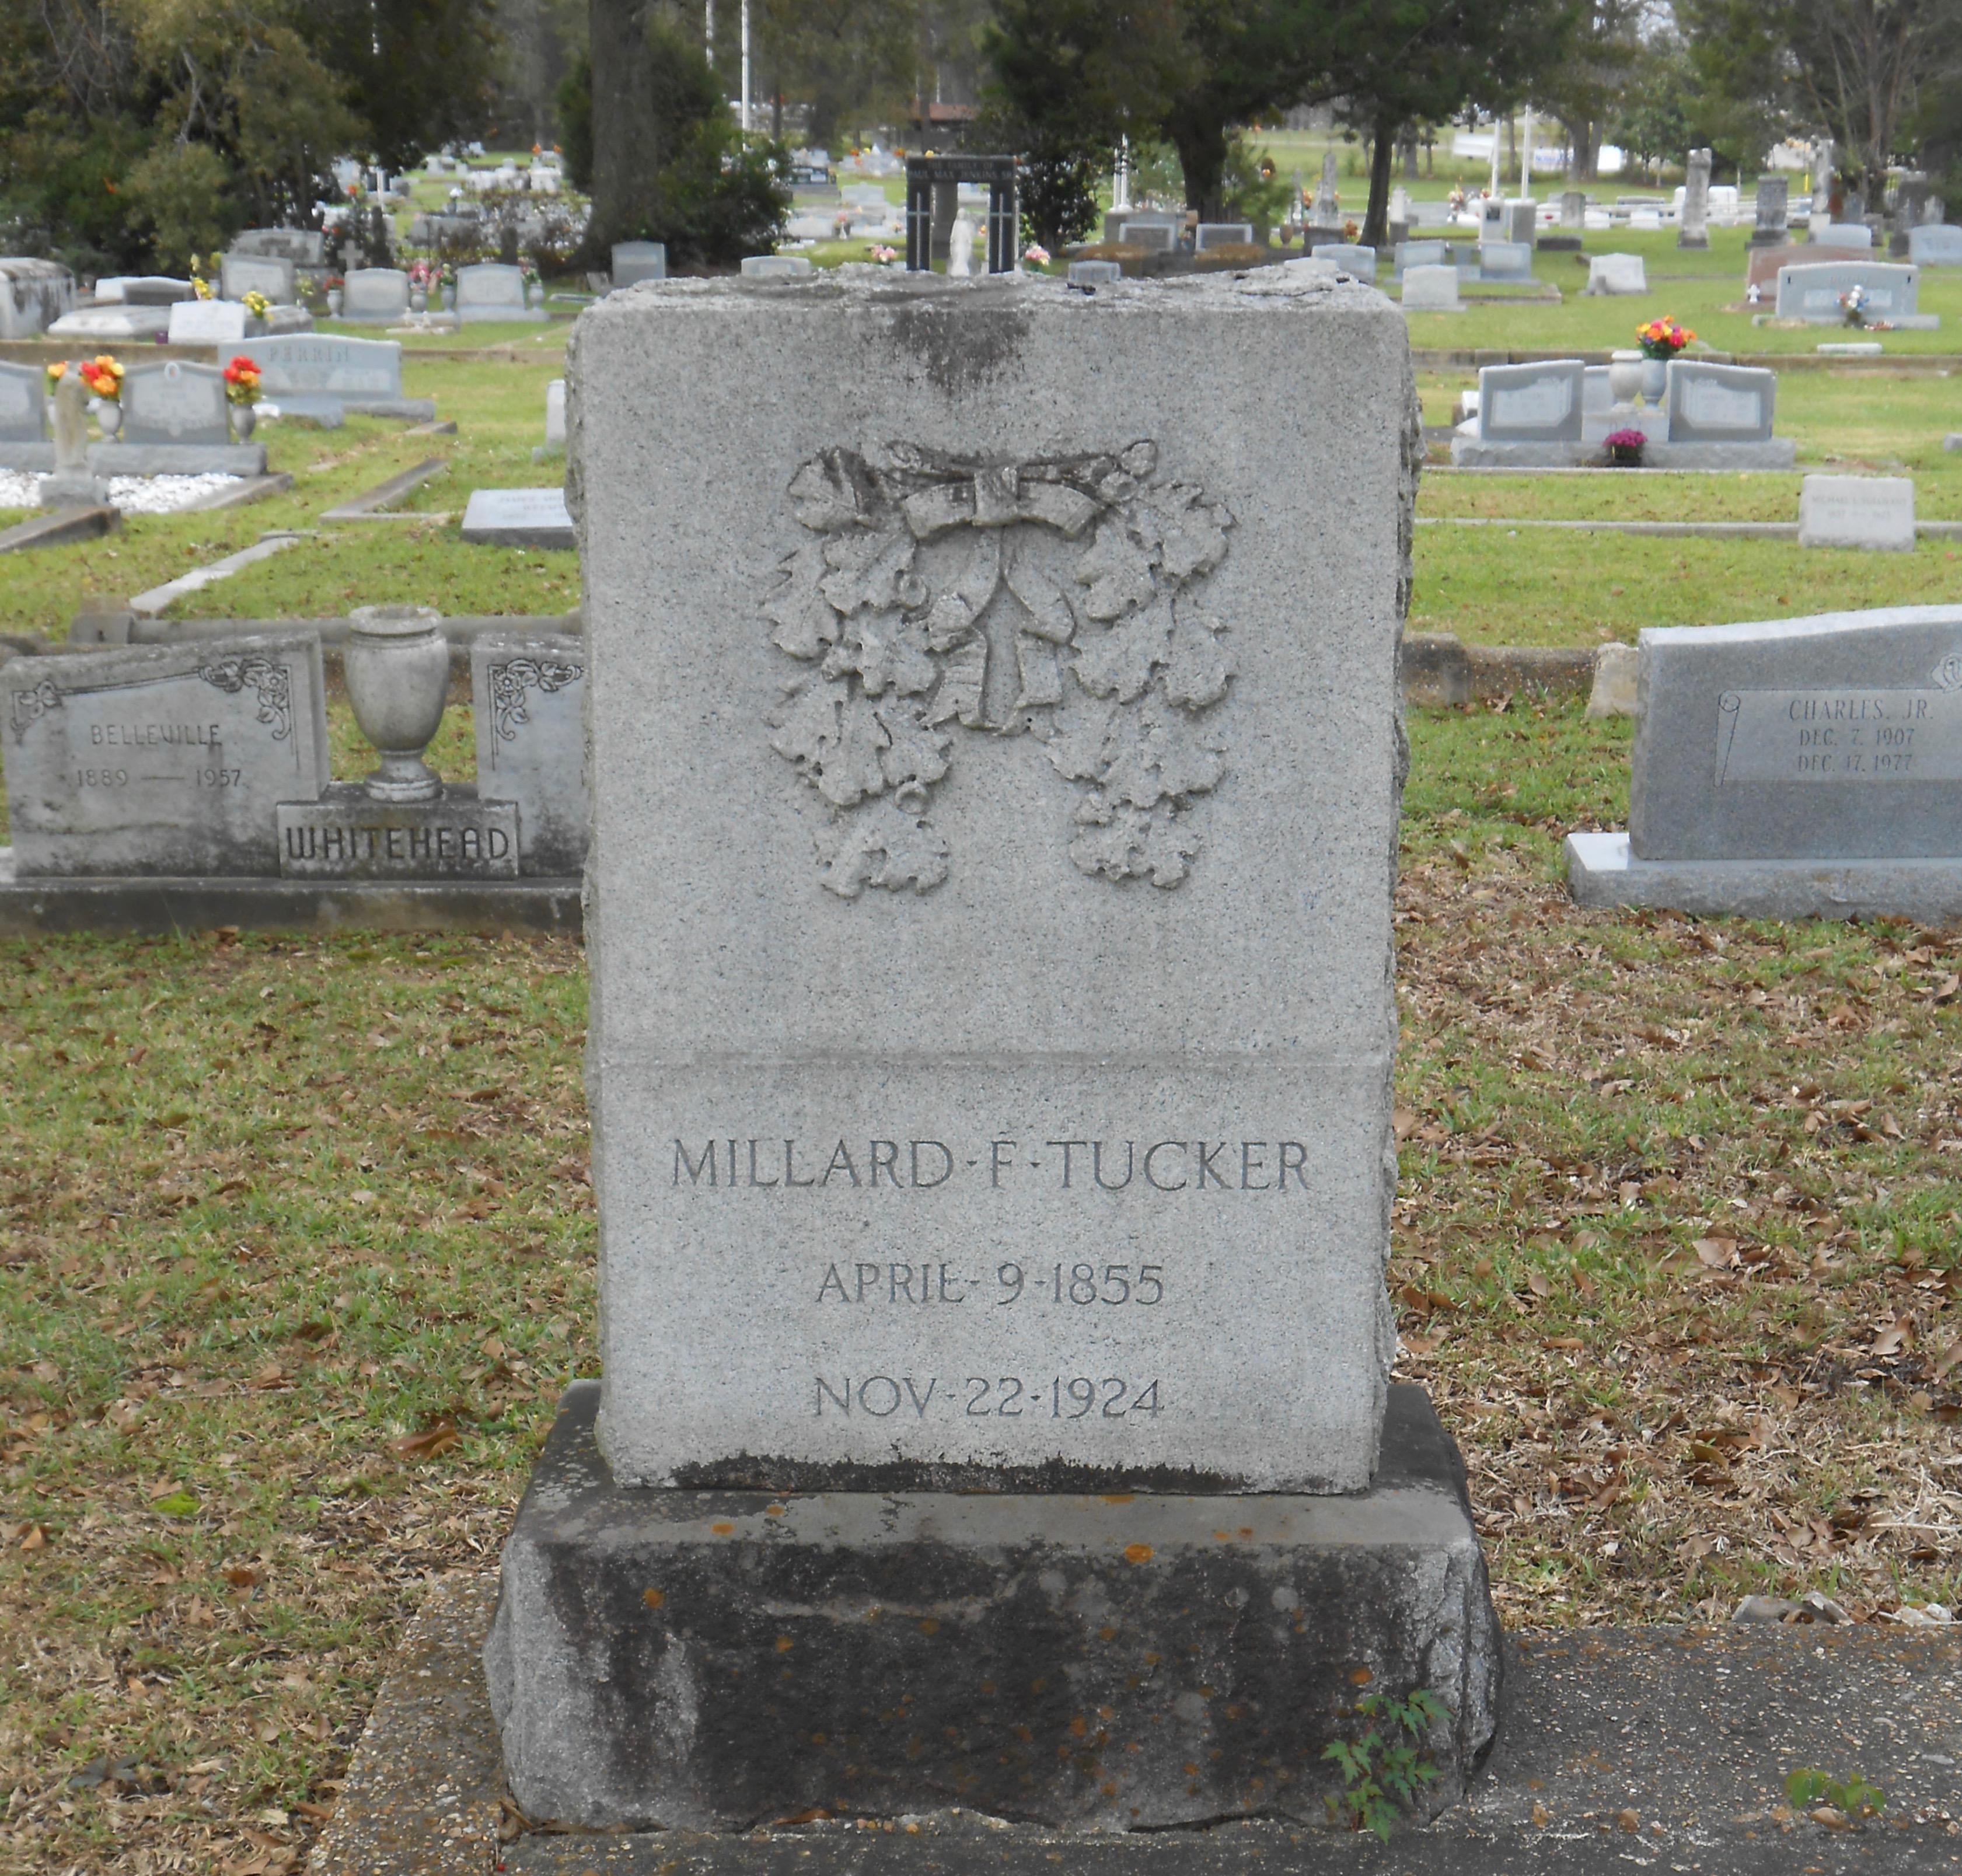 Millard Filmore Tucker